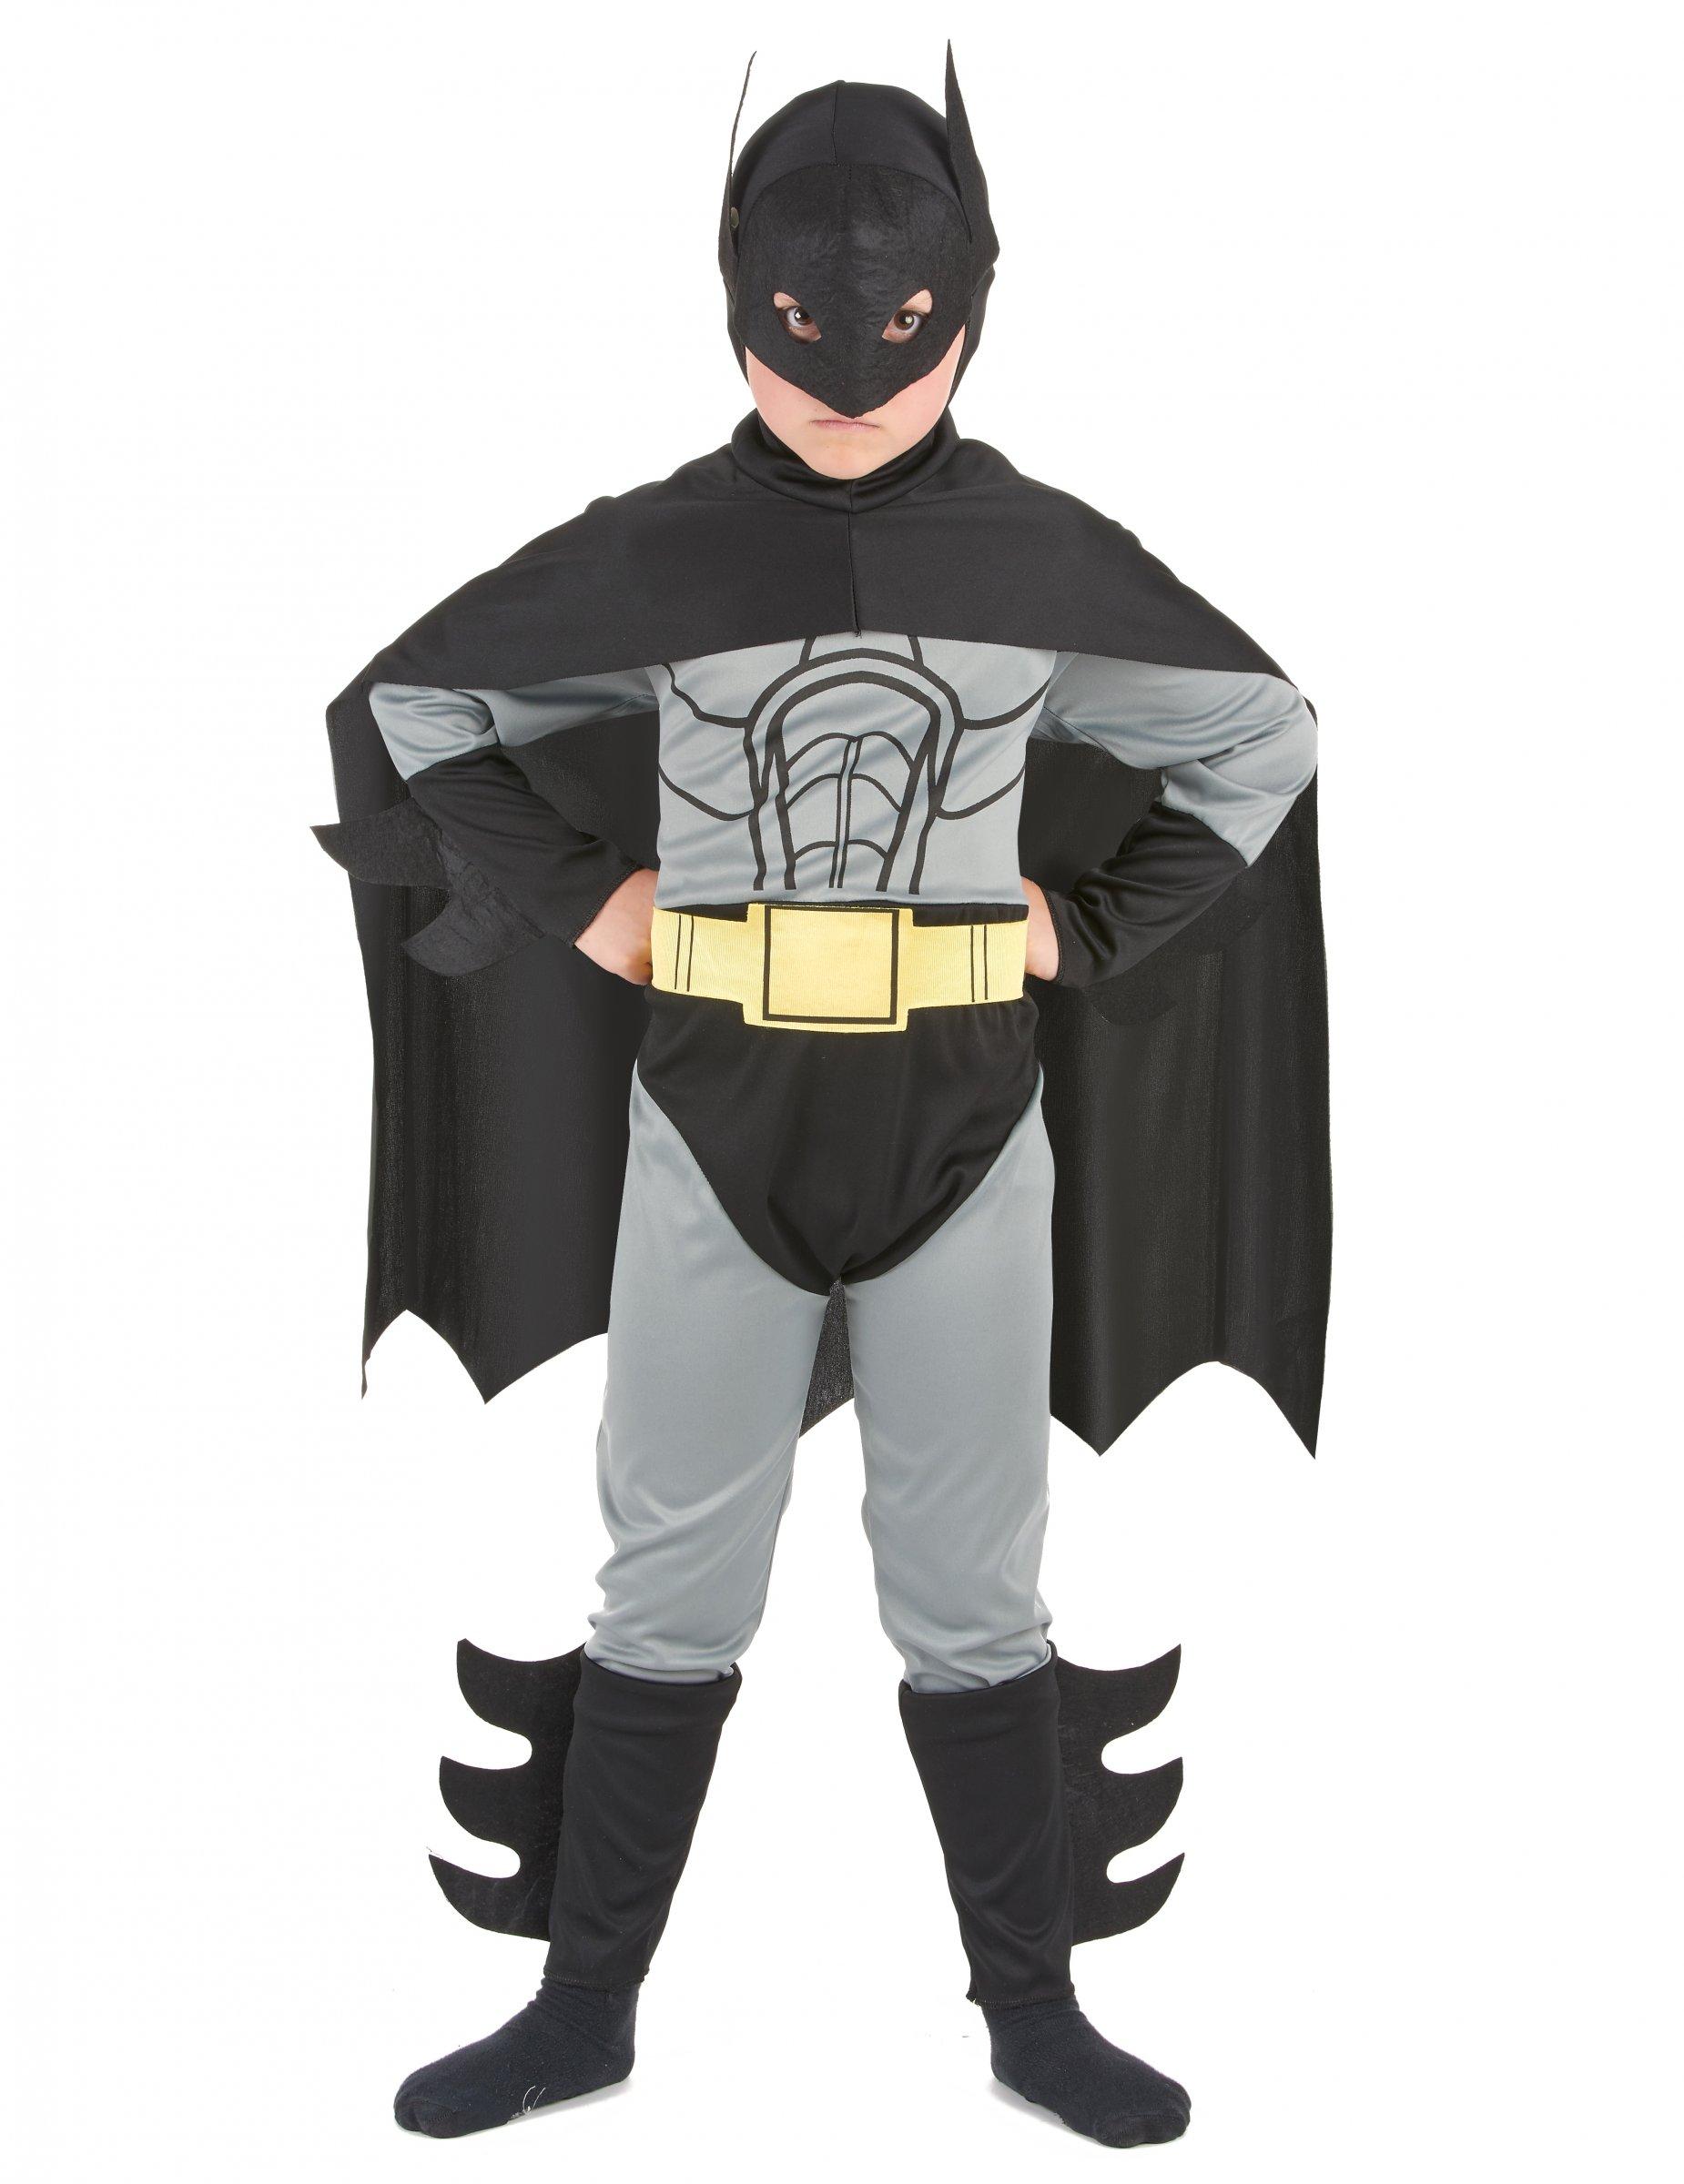 Fledermaus Held Kinderkostum Superhelden Anzug Grau Schwarz Gelb